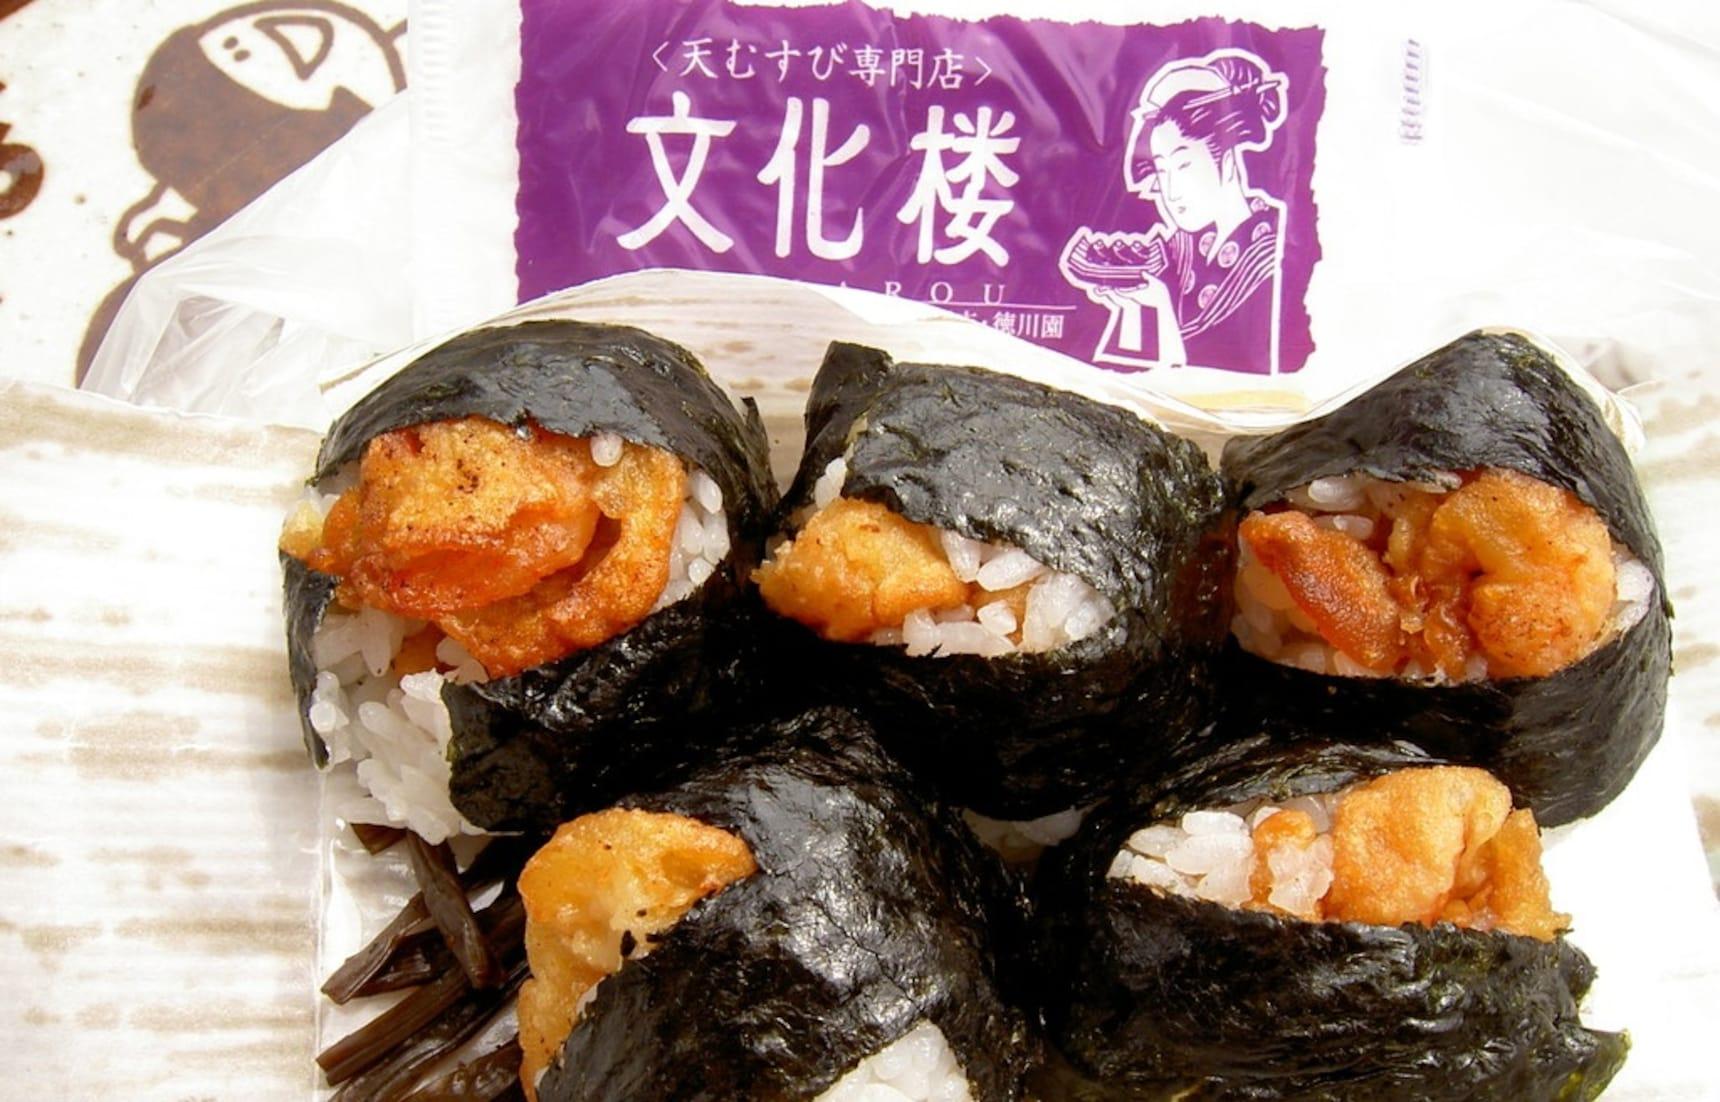 12 Must-Try Foods in Nagoya